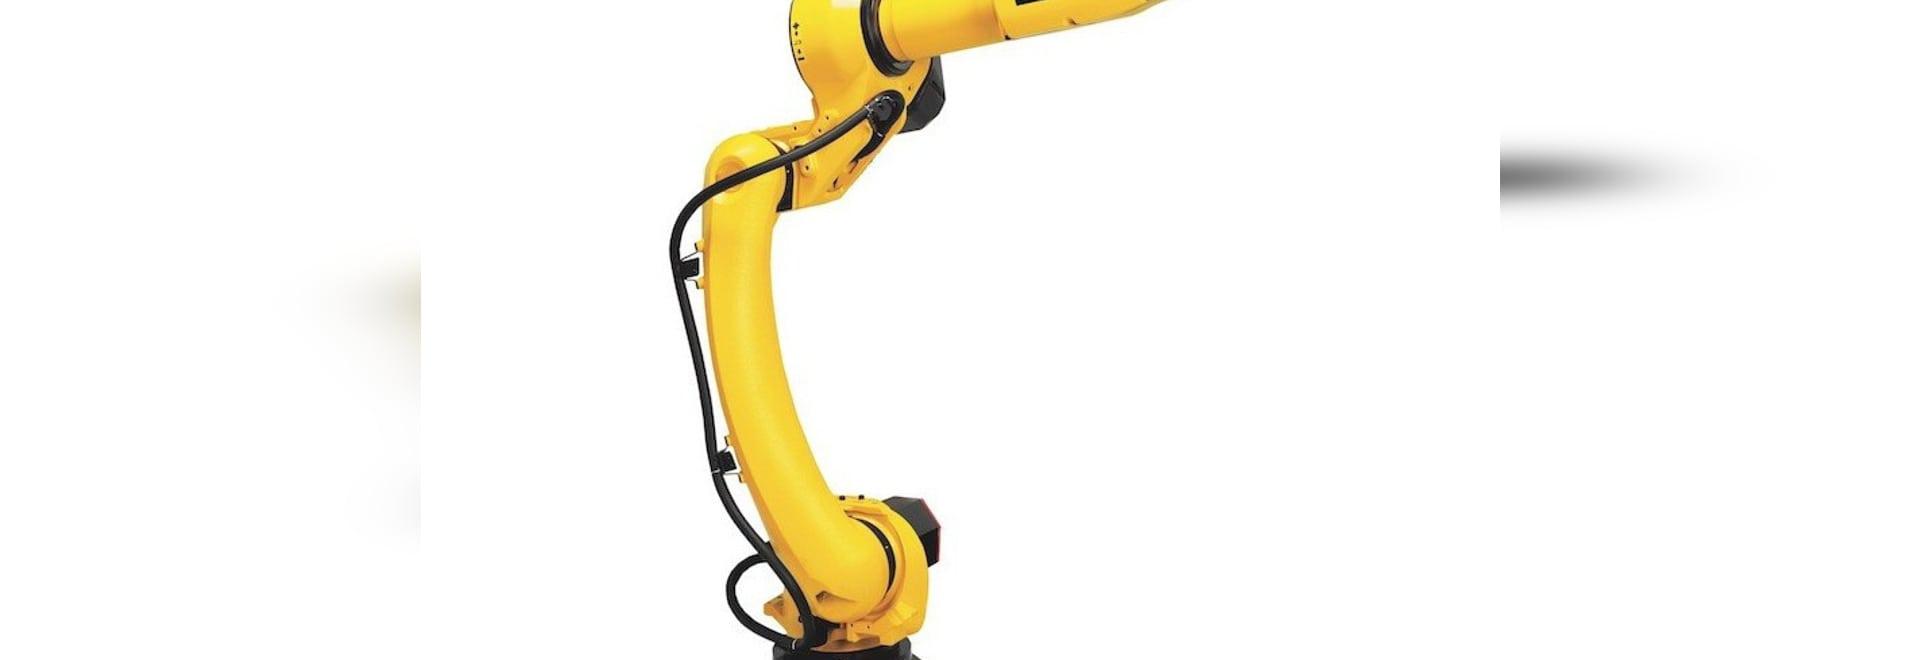 Nueva adición que no engorda a la serie de fines generales del robot